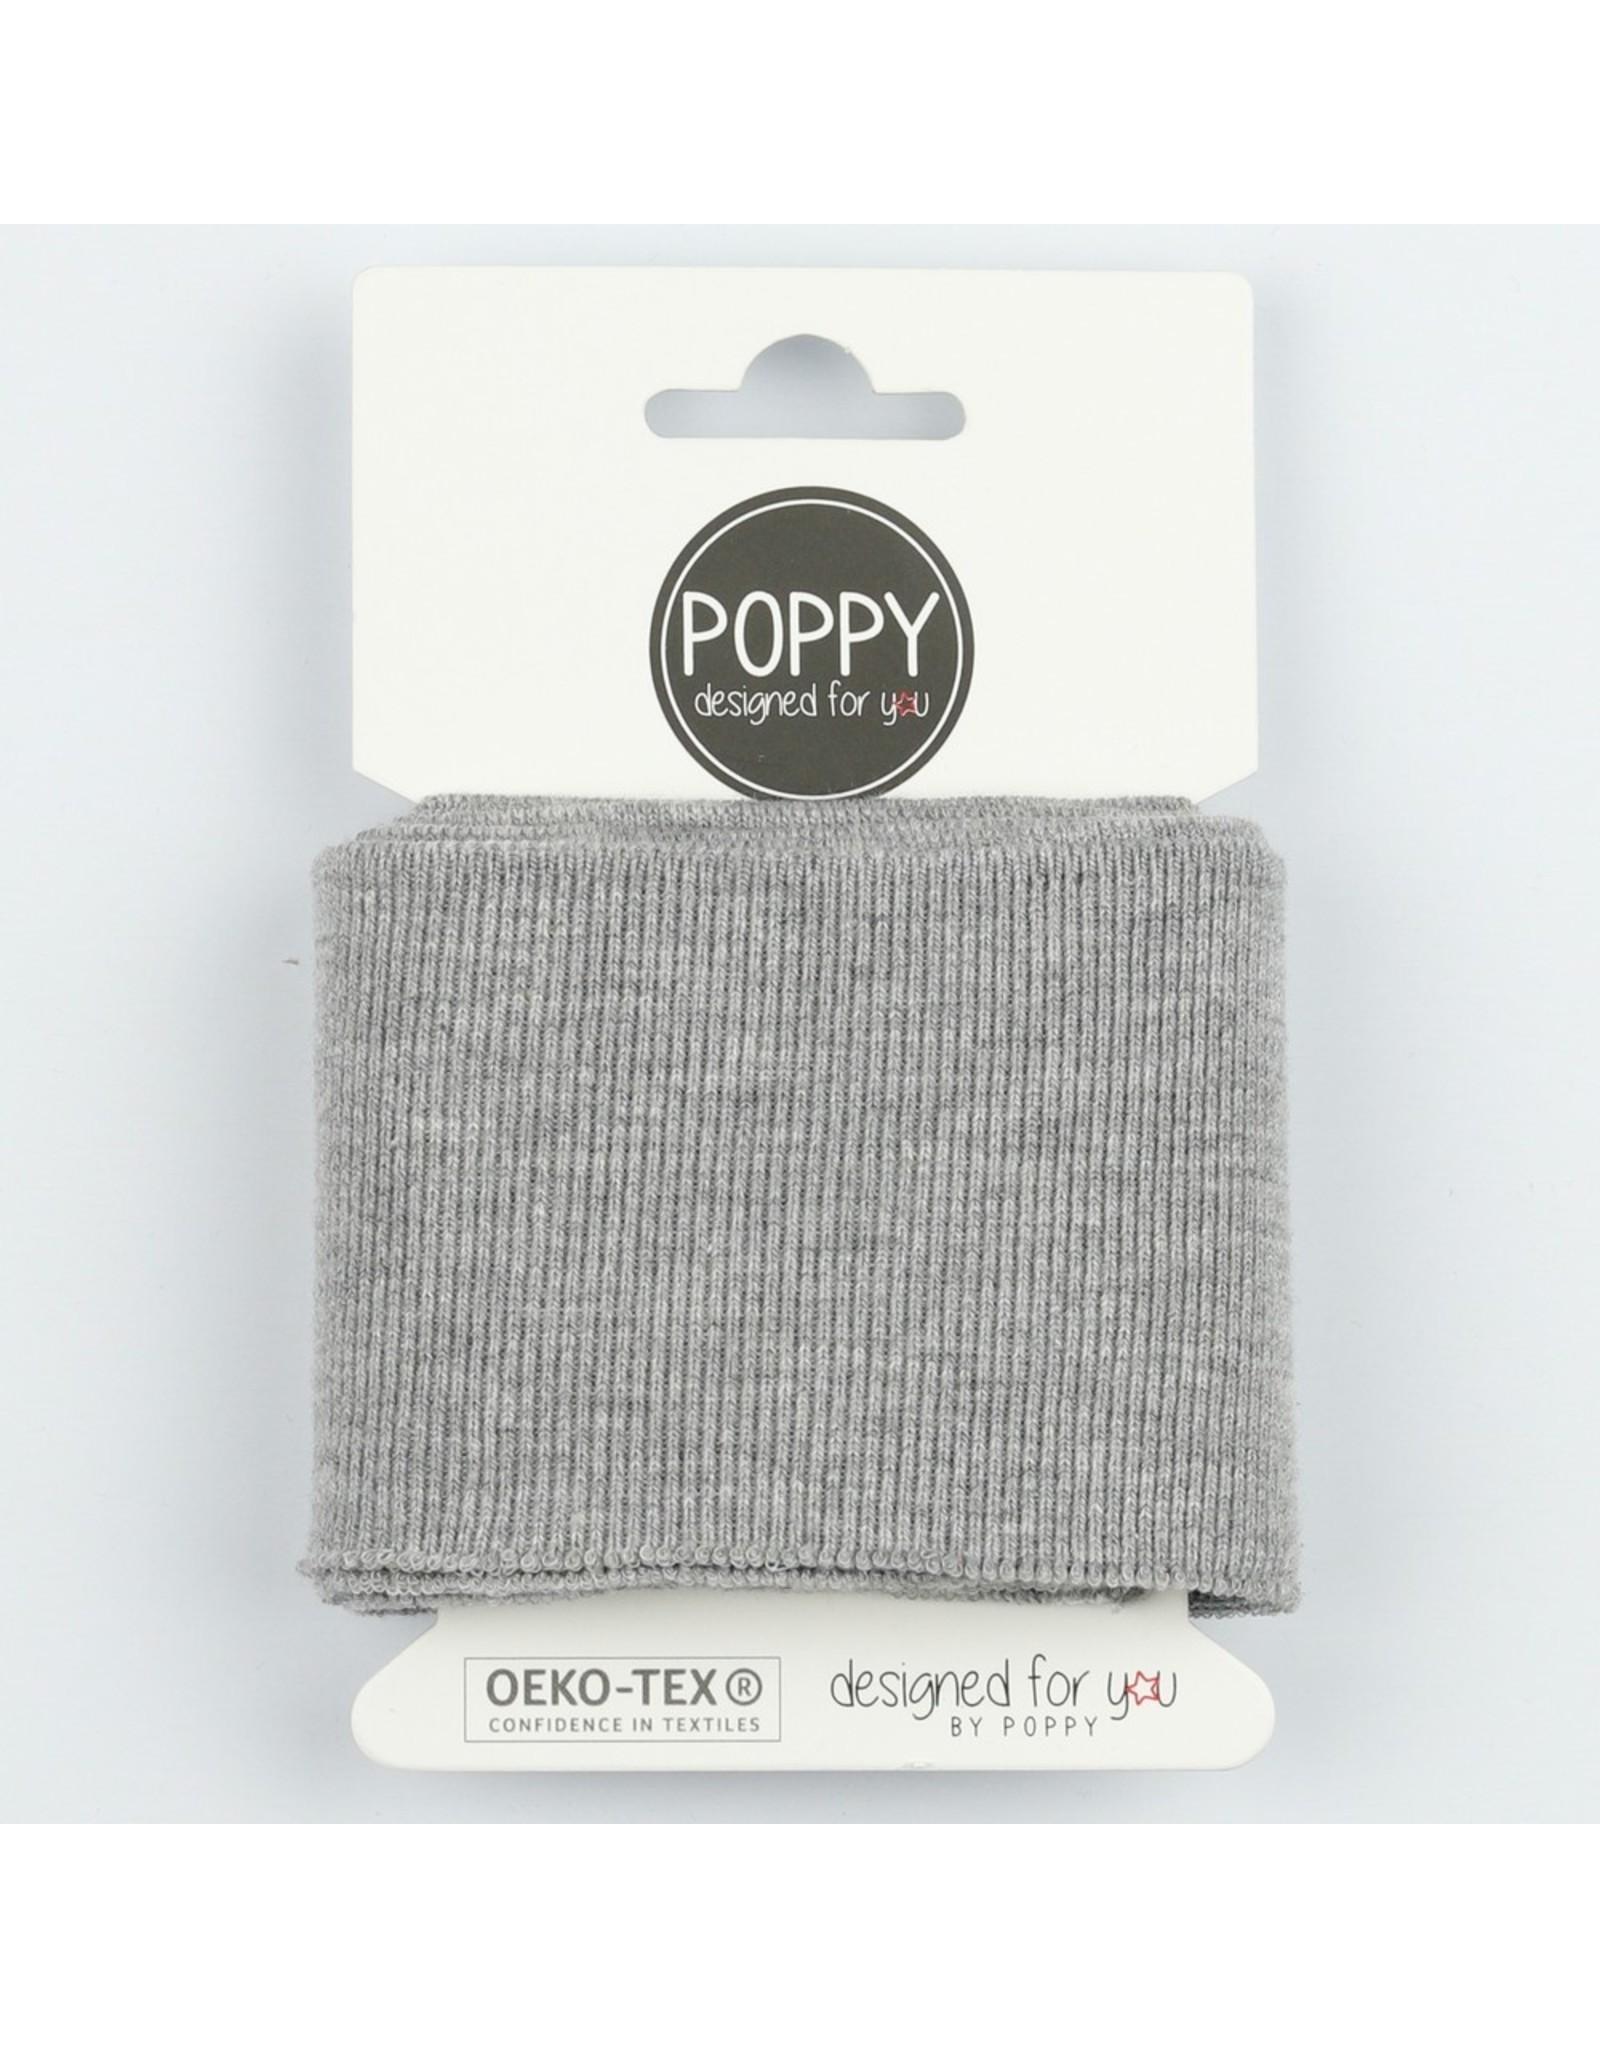 Poppy Cuff Fabric - Grey melange